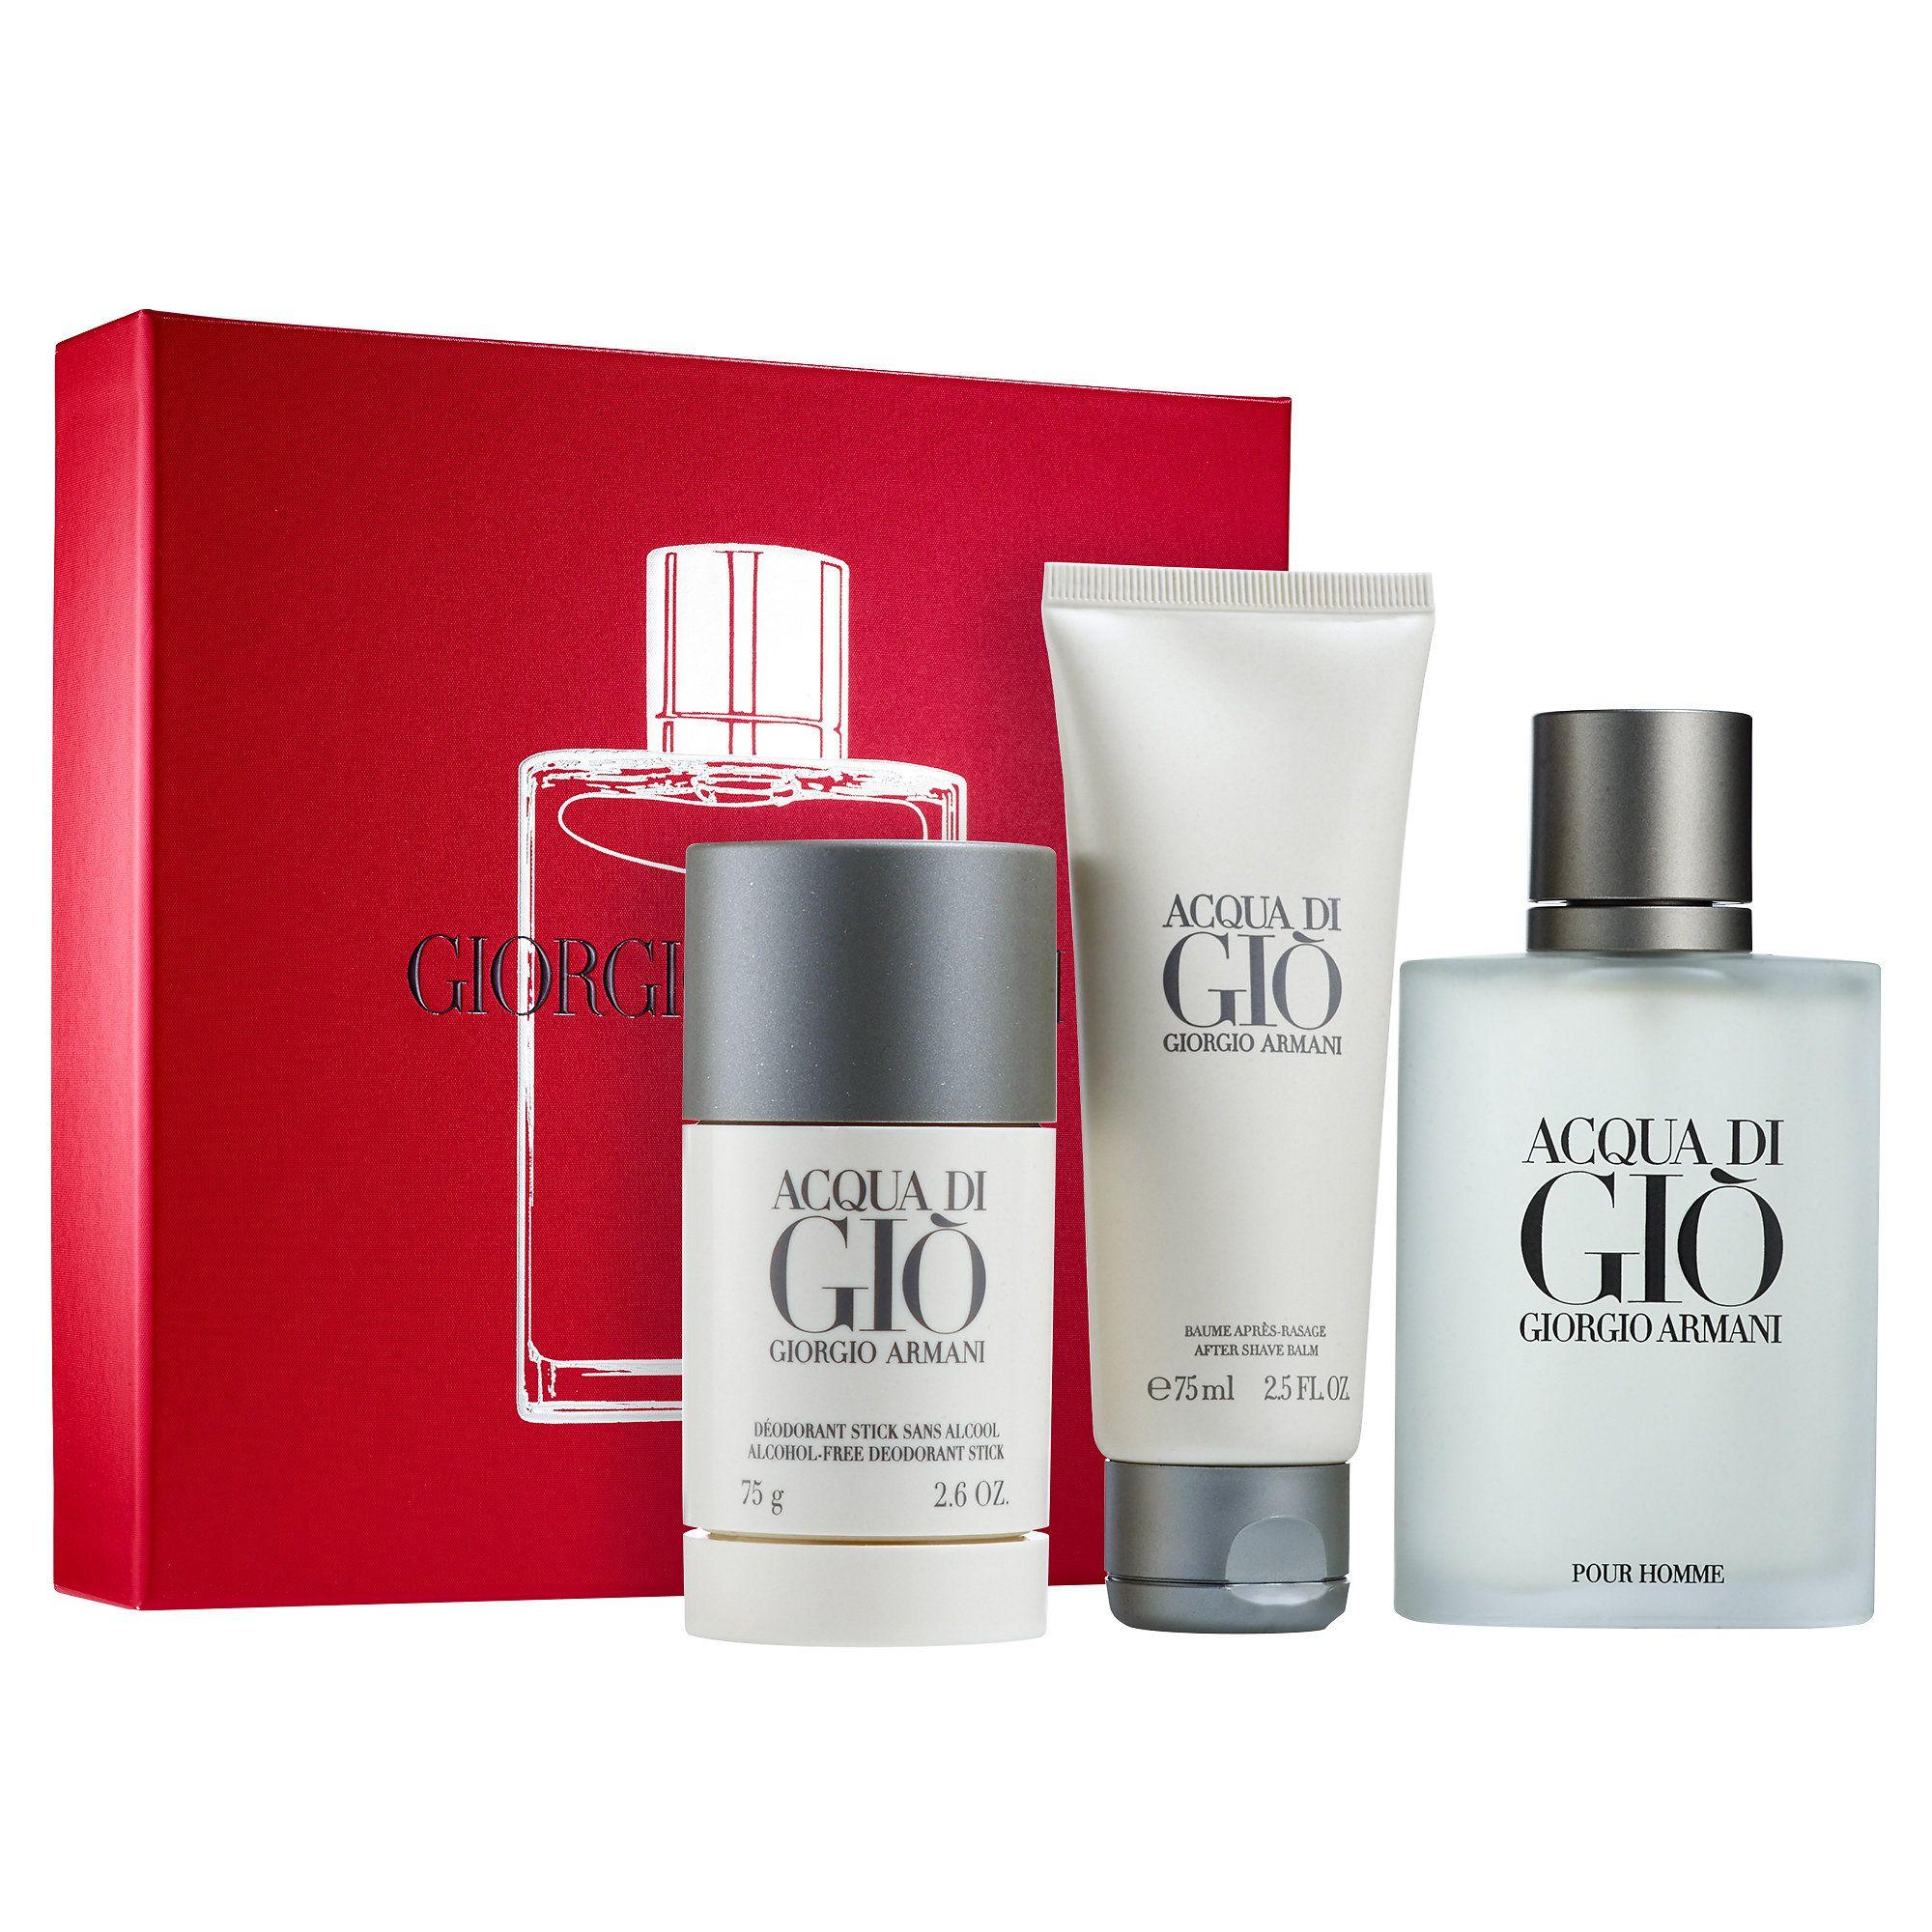 Shop the Acqua Di Gio Set by Giorgio Armani at Sephora. This set contains Eau de Toilette, Deodorant Stick, and After Shave Balm with scent of Acqua Di Gio.